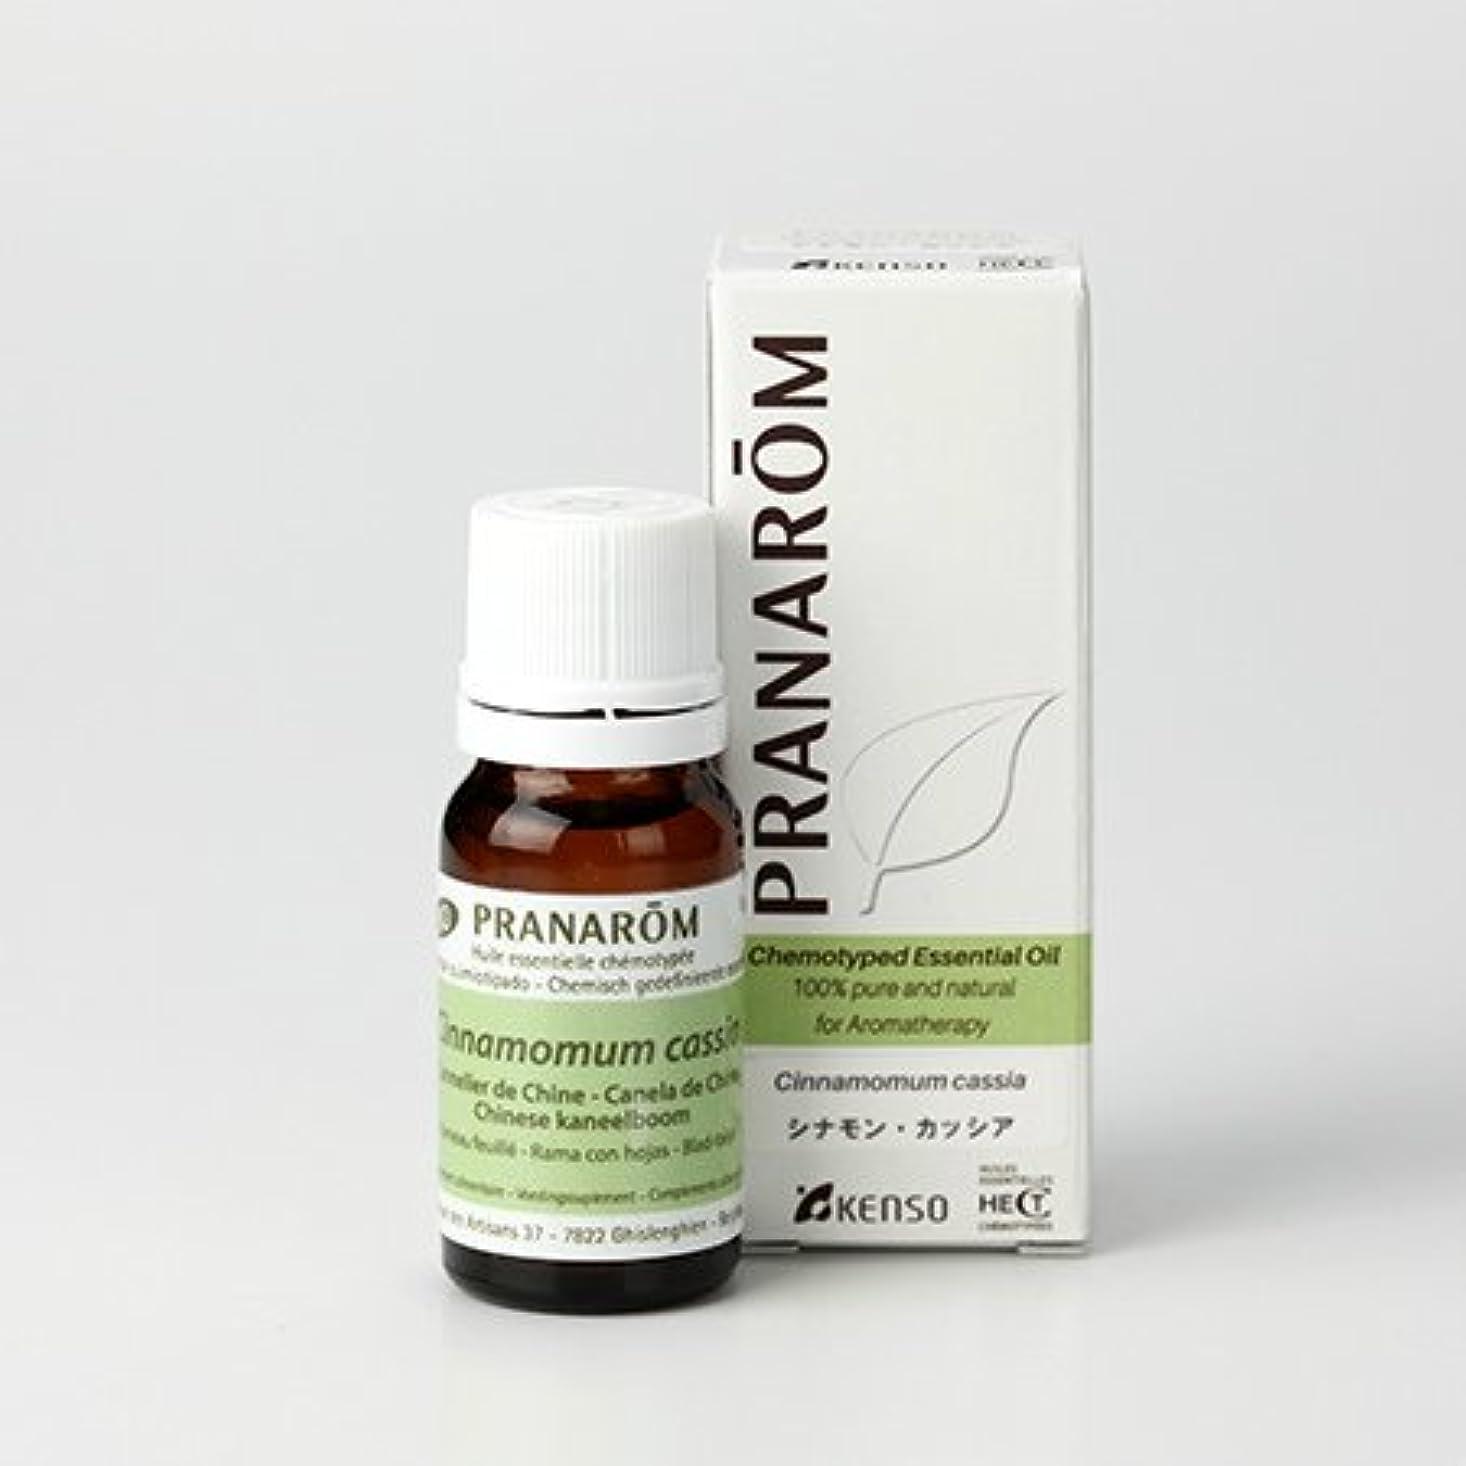 サービス無効にするコードレスプラナロム シナモンカッシア 10ml (PRANAROM ケモタイプ精油)